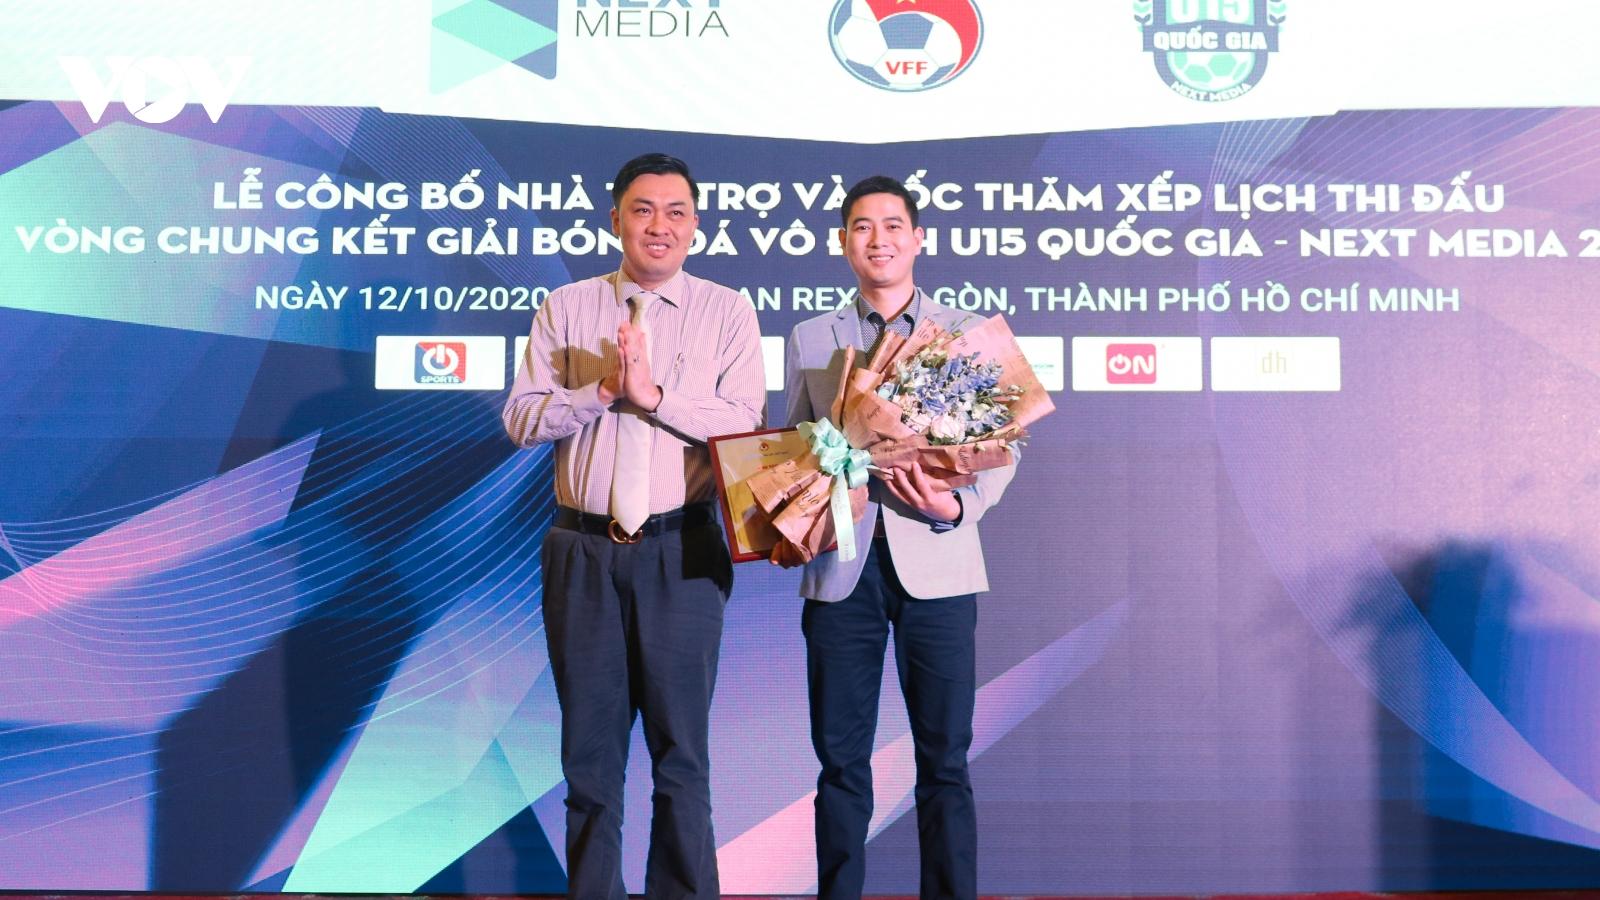 Next Media đồng hành cùng VCK giải bóng đá Vô địch U15 quốc gia năm thứ 2 liên tiếp